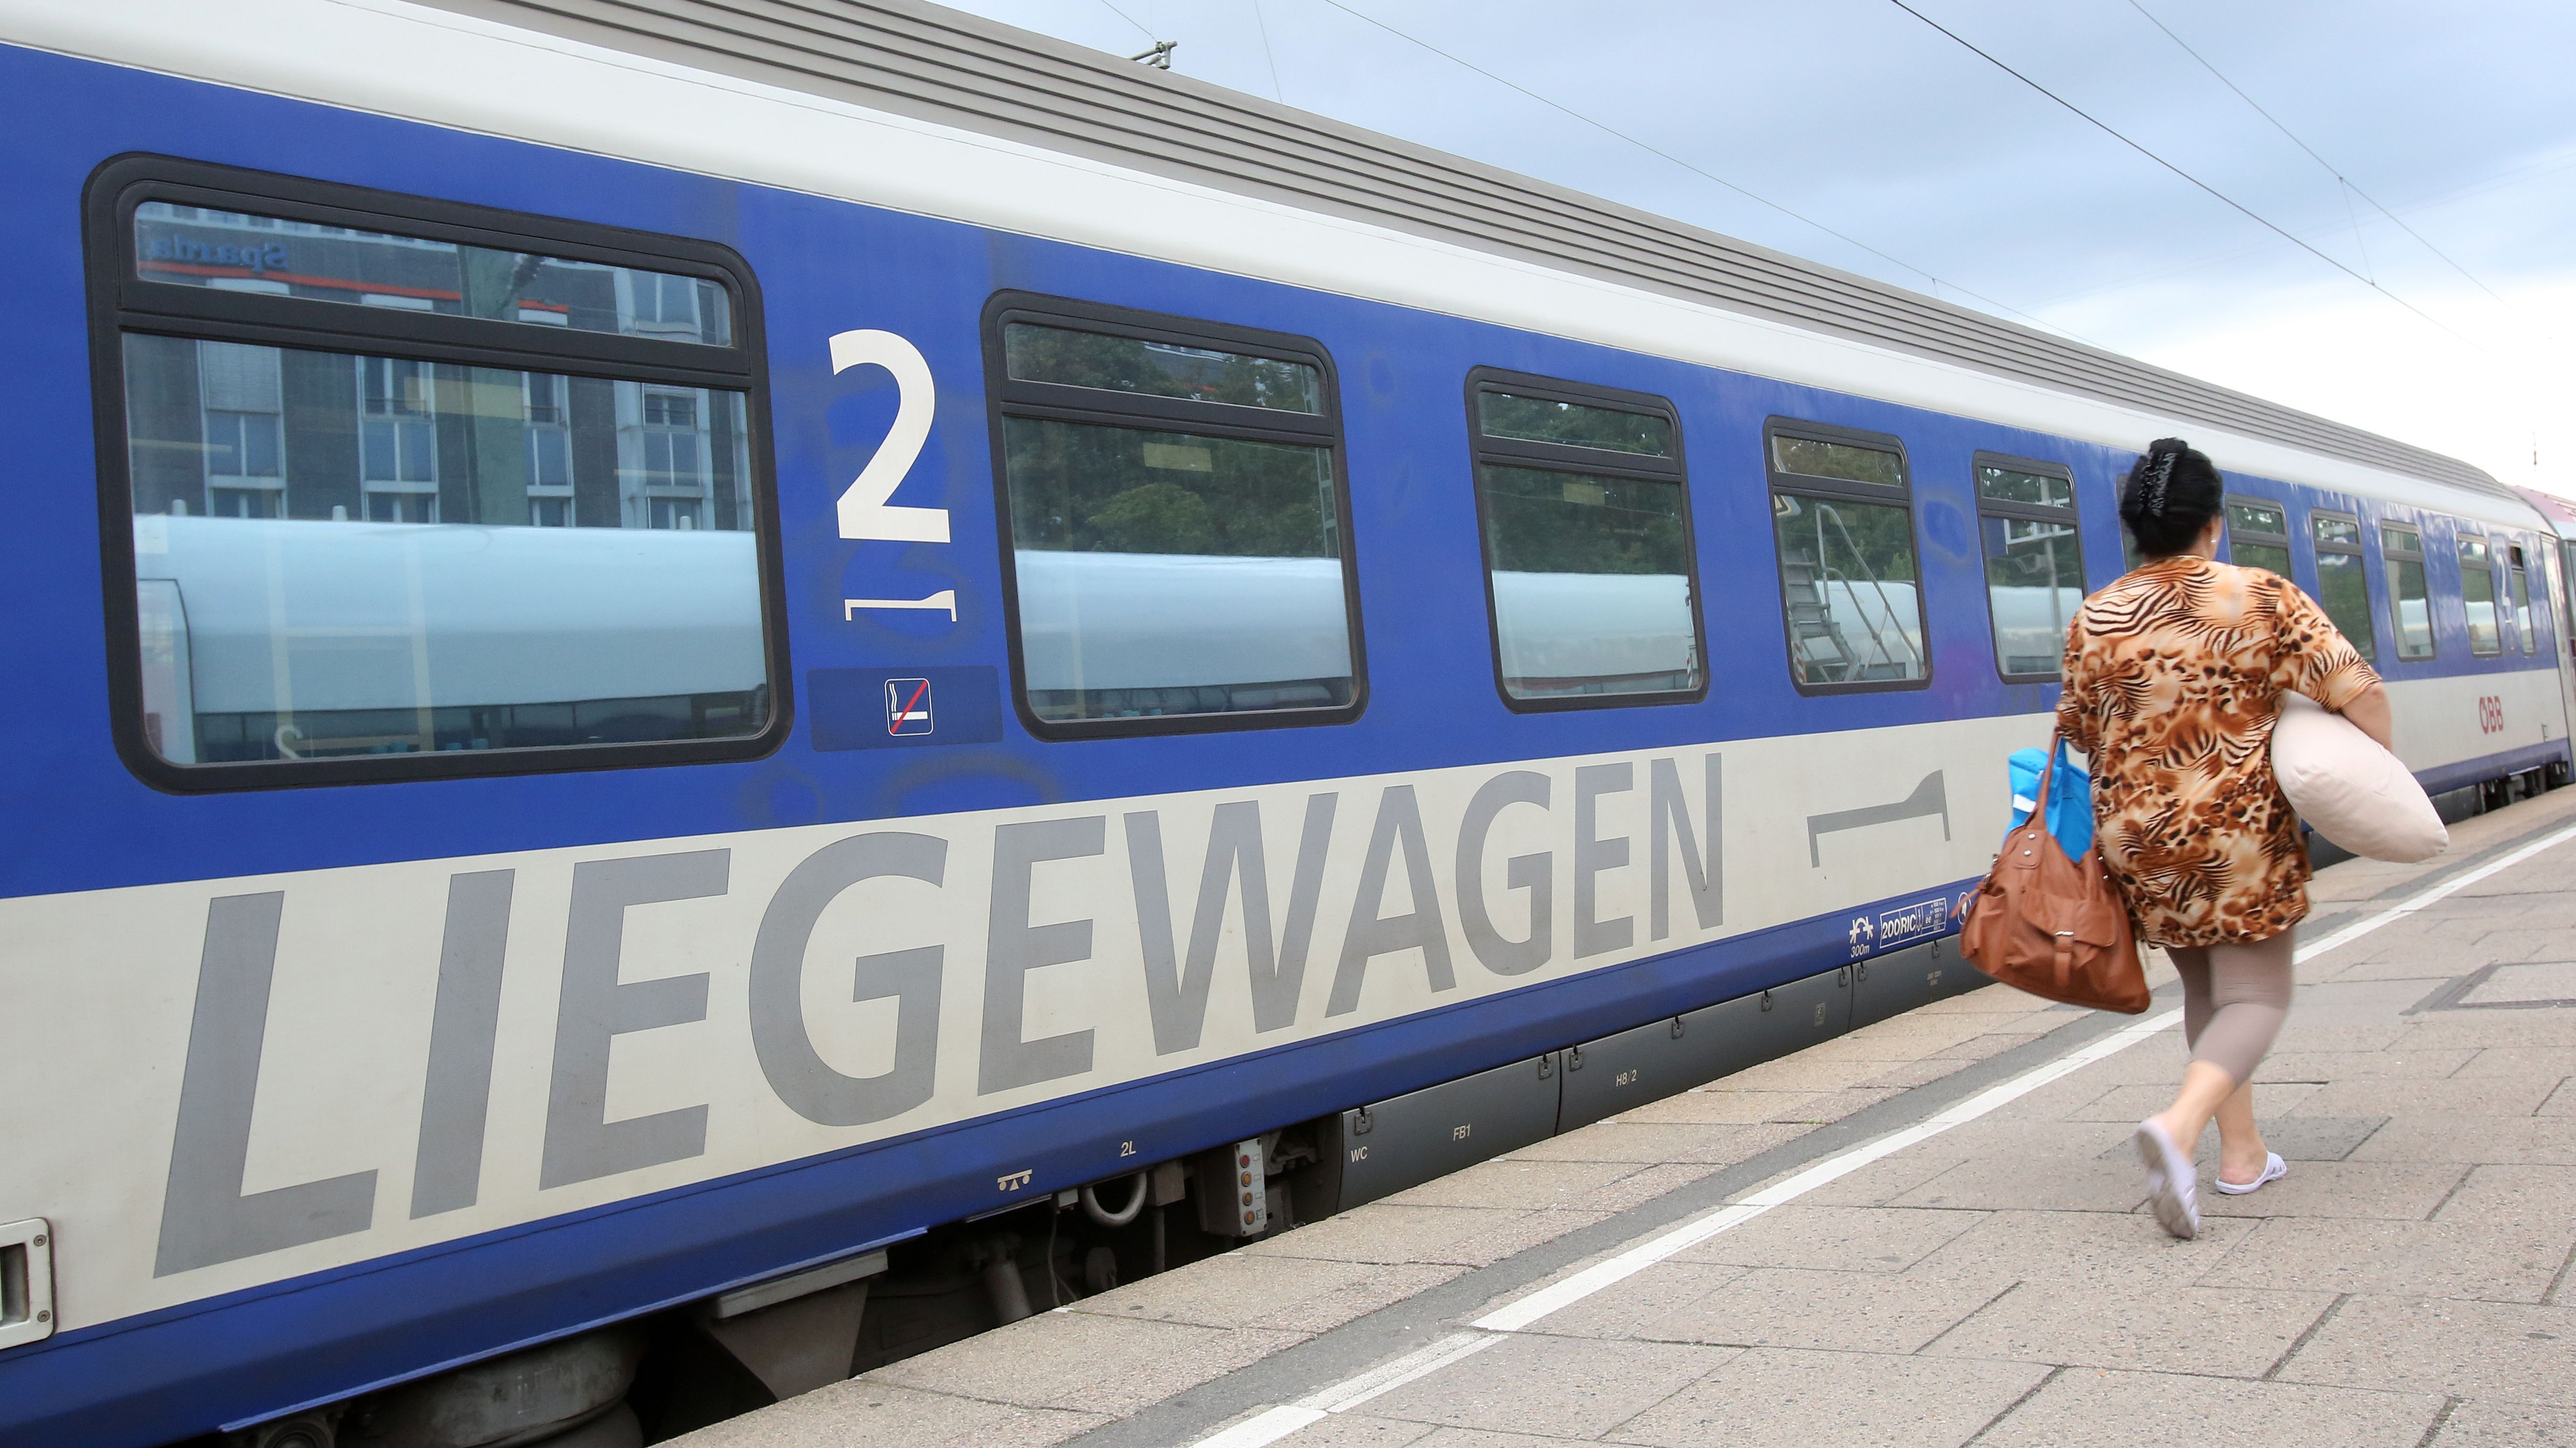 Eine Reisende geht zu einem Nachtzug (EuroNight) der ÖBB.